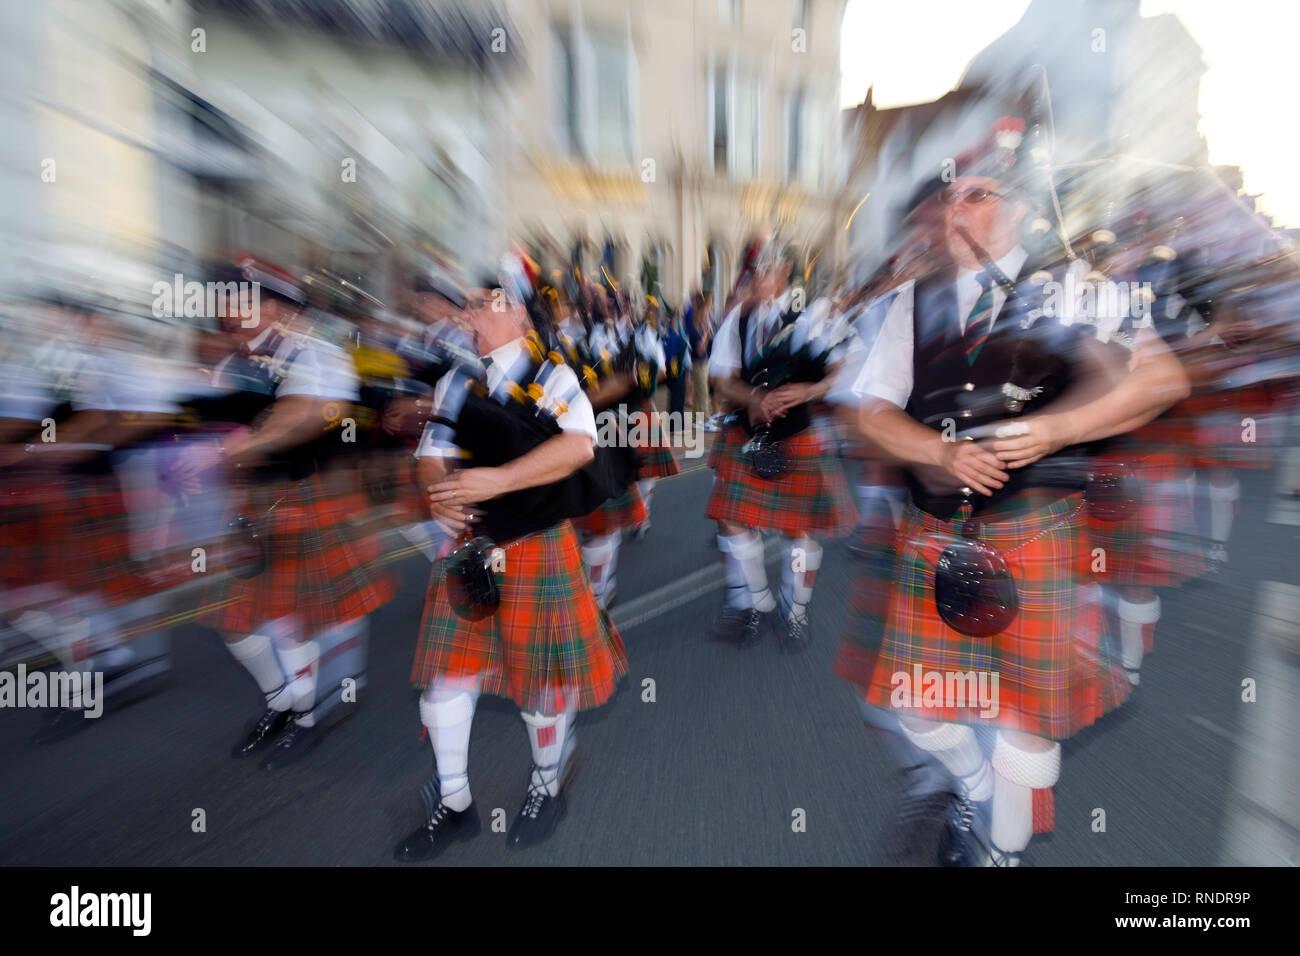 Tubo , Band, cornamusa, marciando, tartan kilts, zoom blur, astratta, fotocamera, tecnica, 2011, Ryde Carnevale, Ryde, Isola di Wight in Inghilterra Immagini Stock